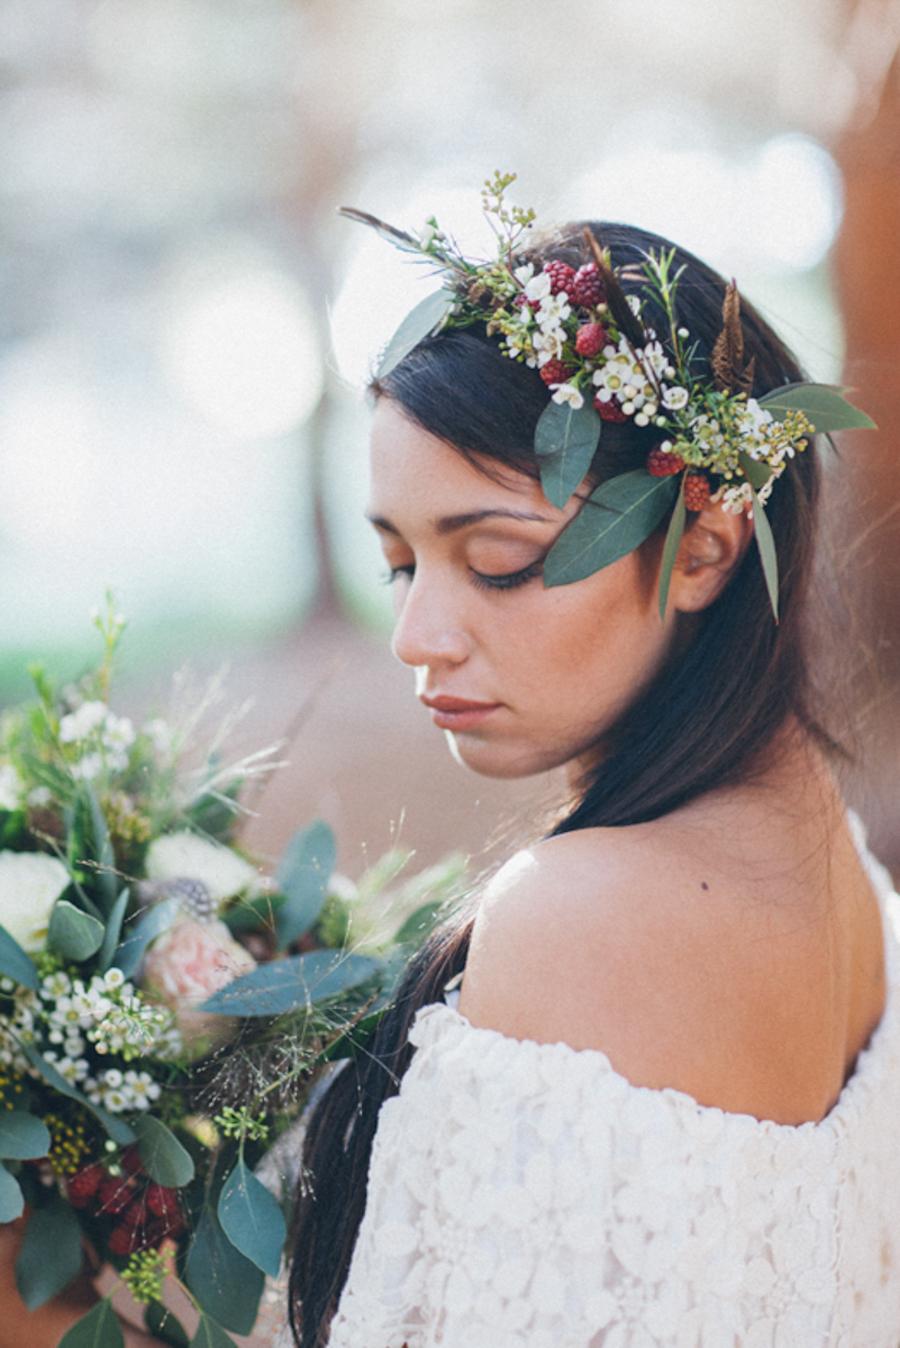 matrimonio-boho-chic-e-naturale-sweetphotofactory-wedding-wonderland-18